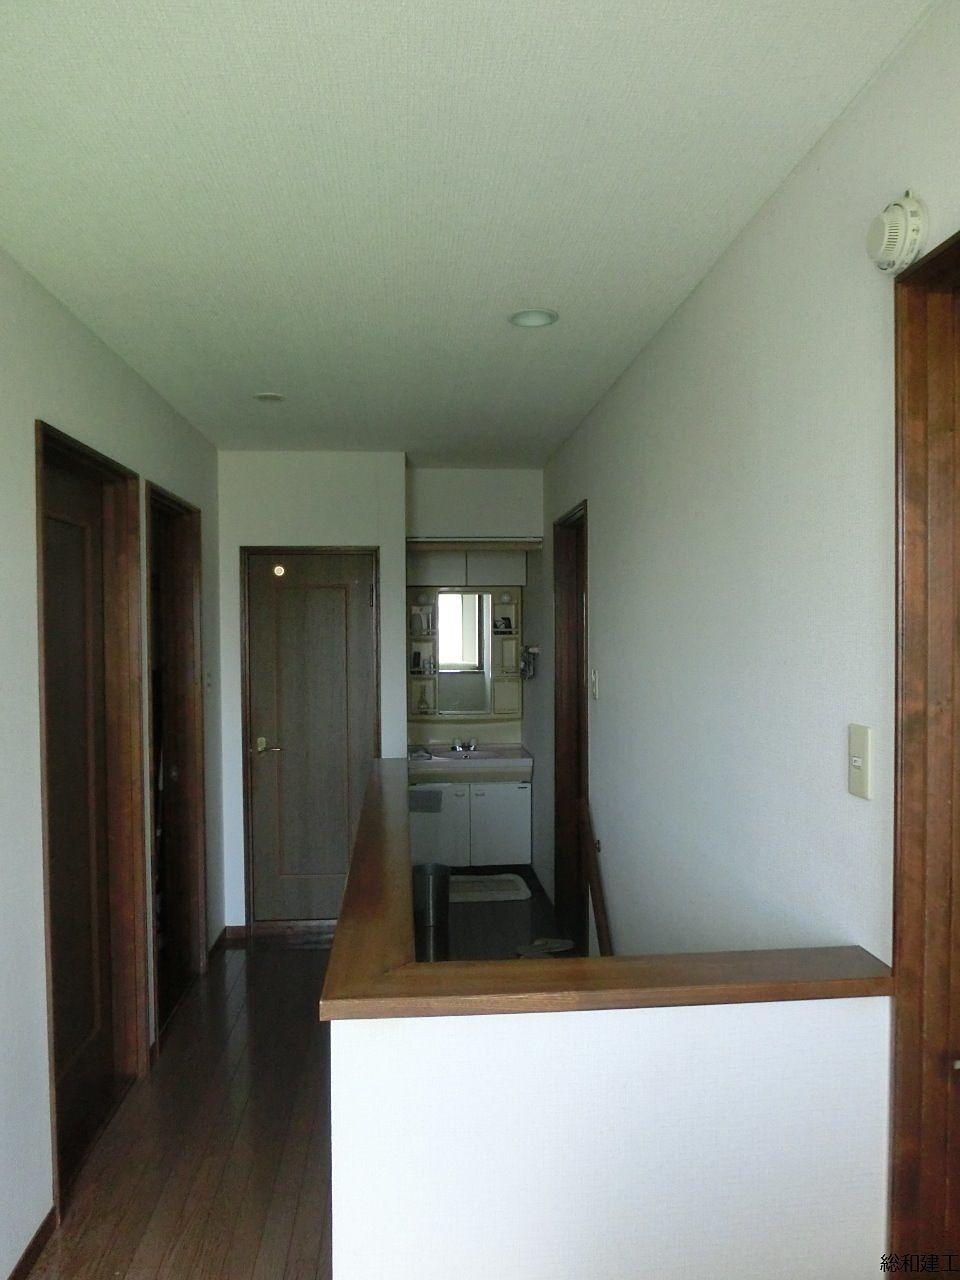 2階にもトイレ、洗面があります。